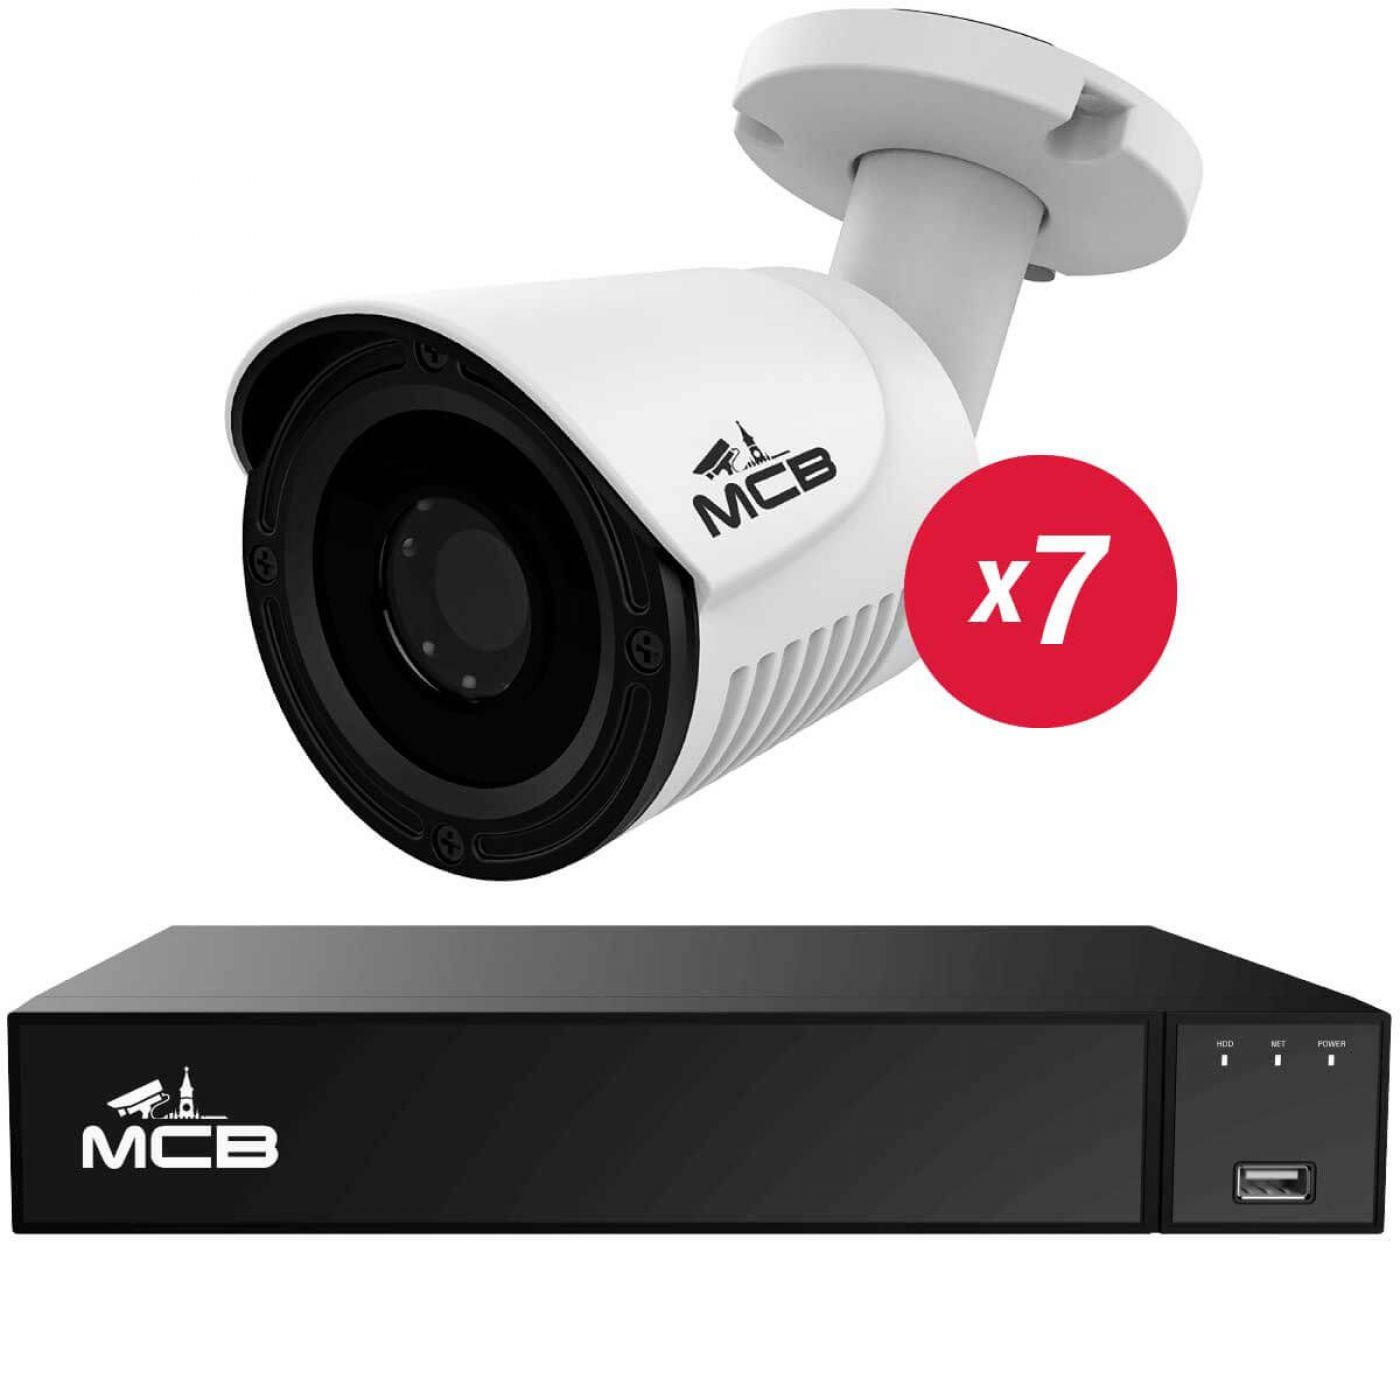 Комплект видеонаблюдения на 7 уличных 5-мегапиксельных камеры